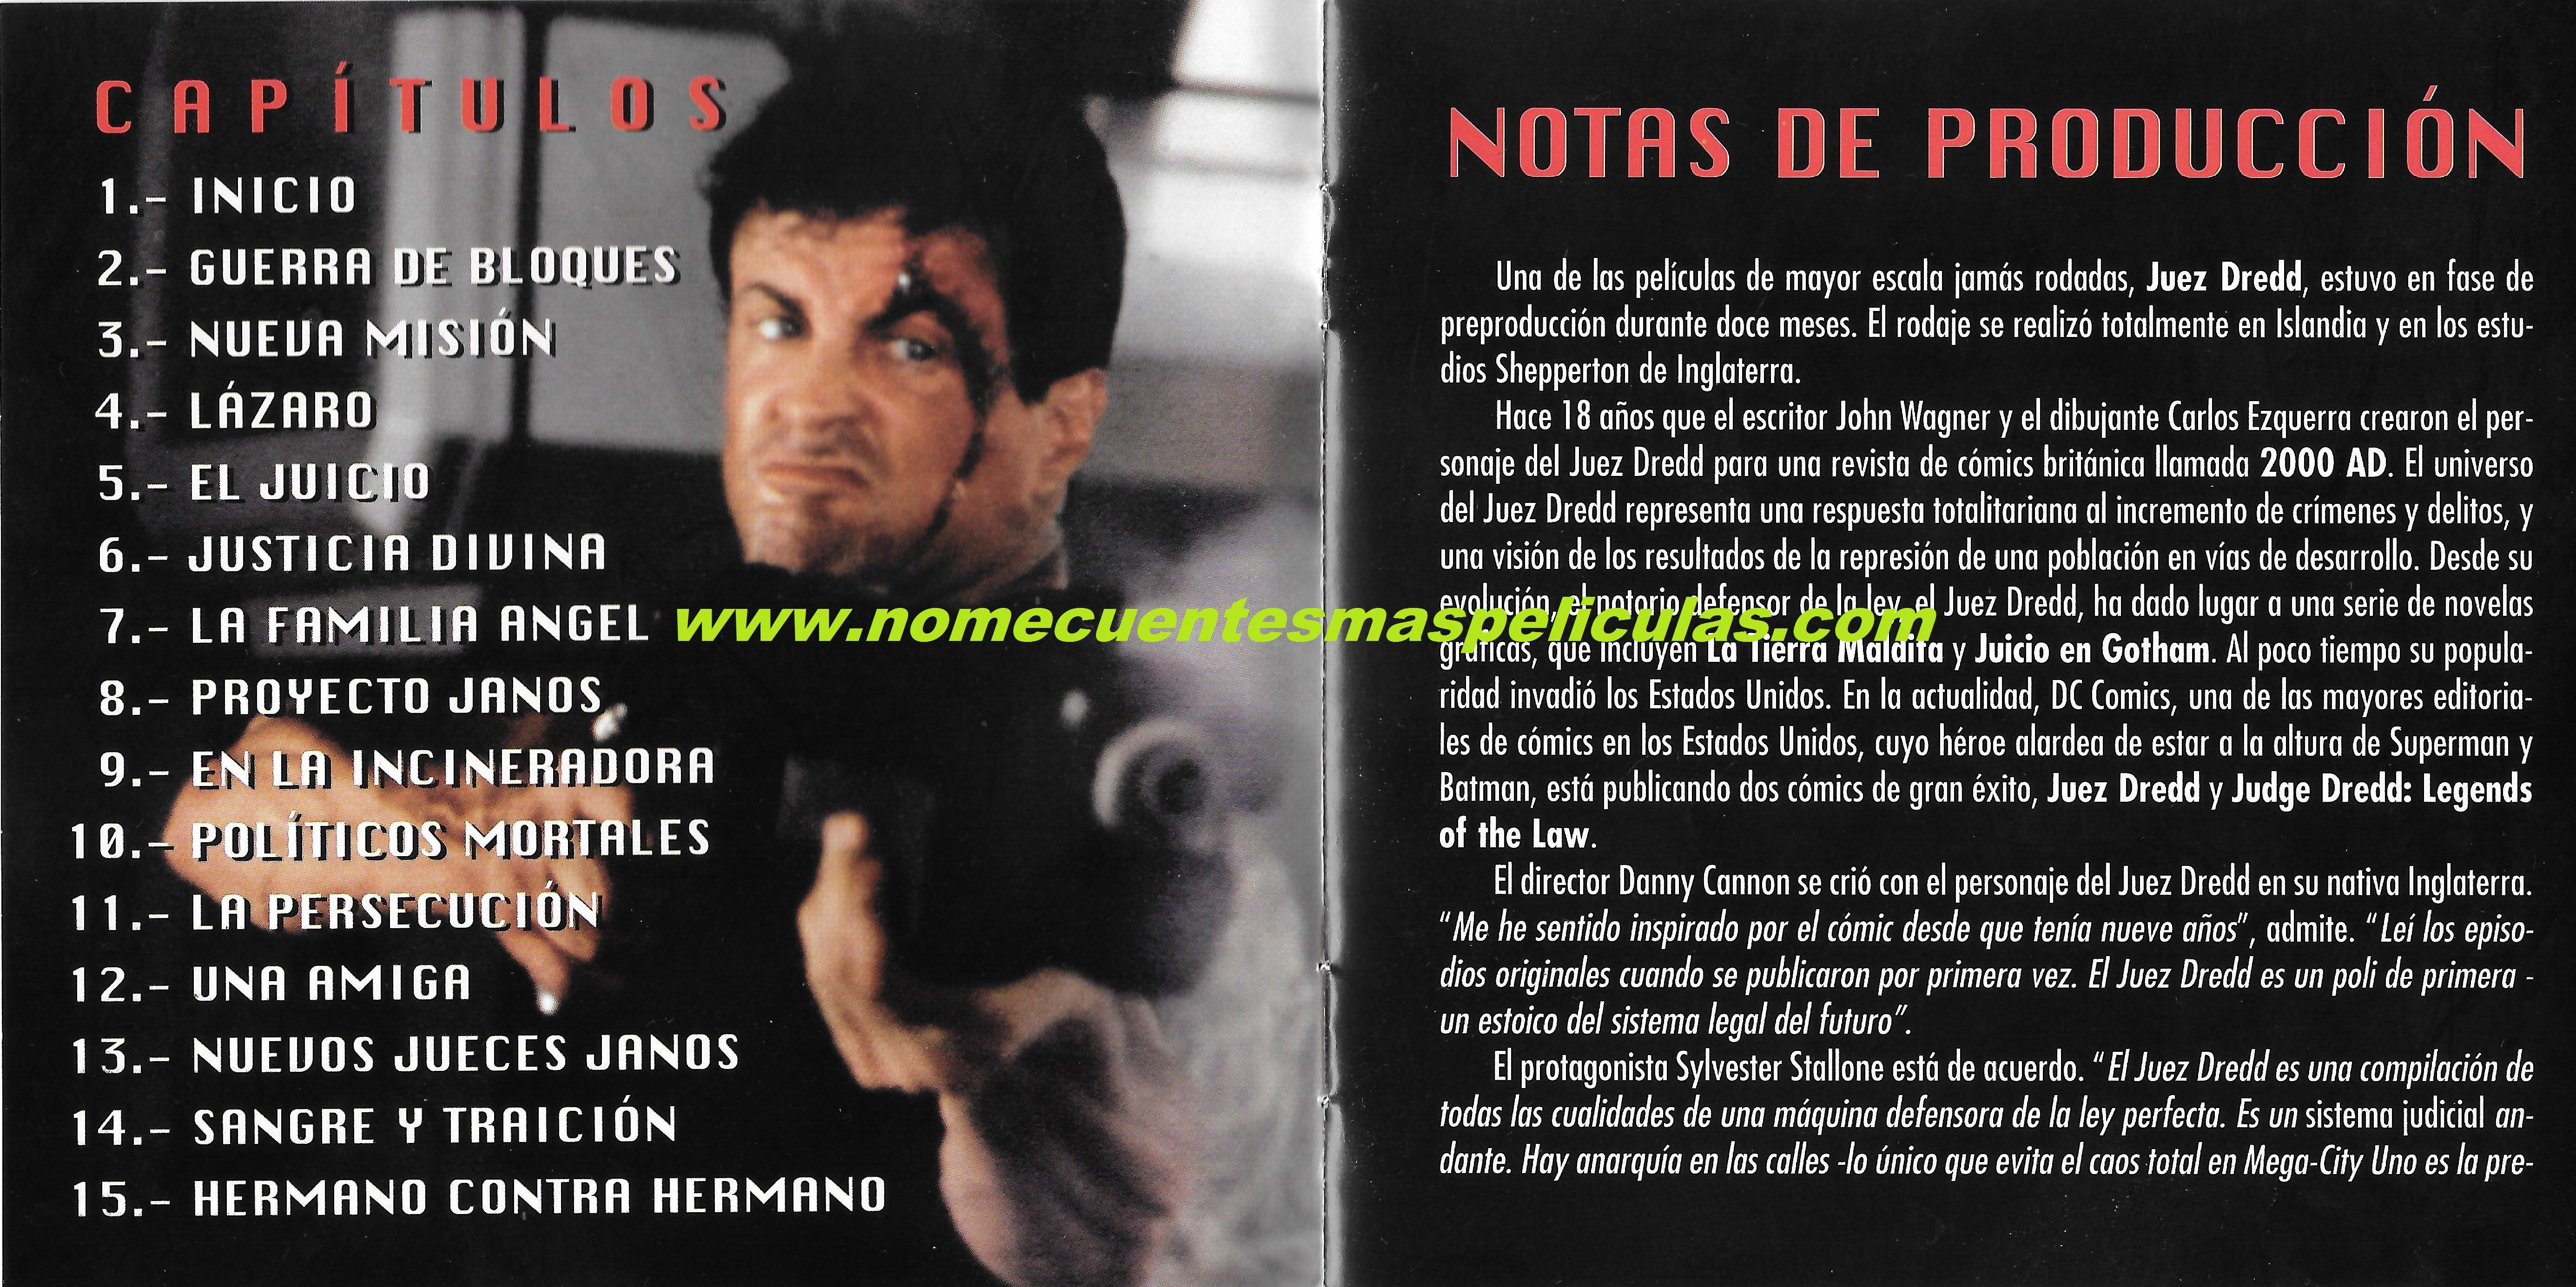 Juez Dredd 01